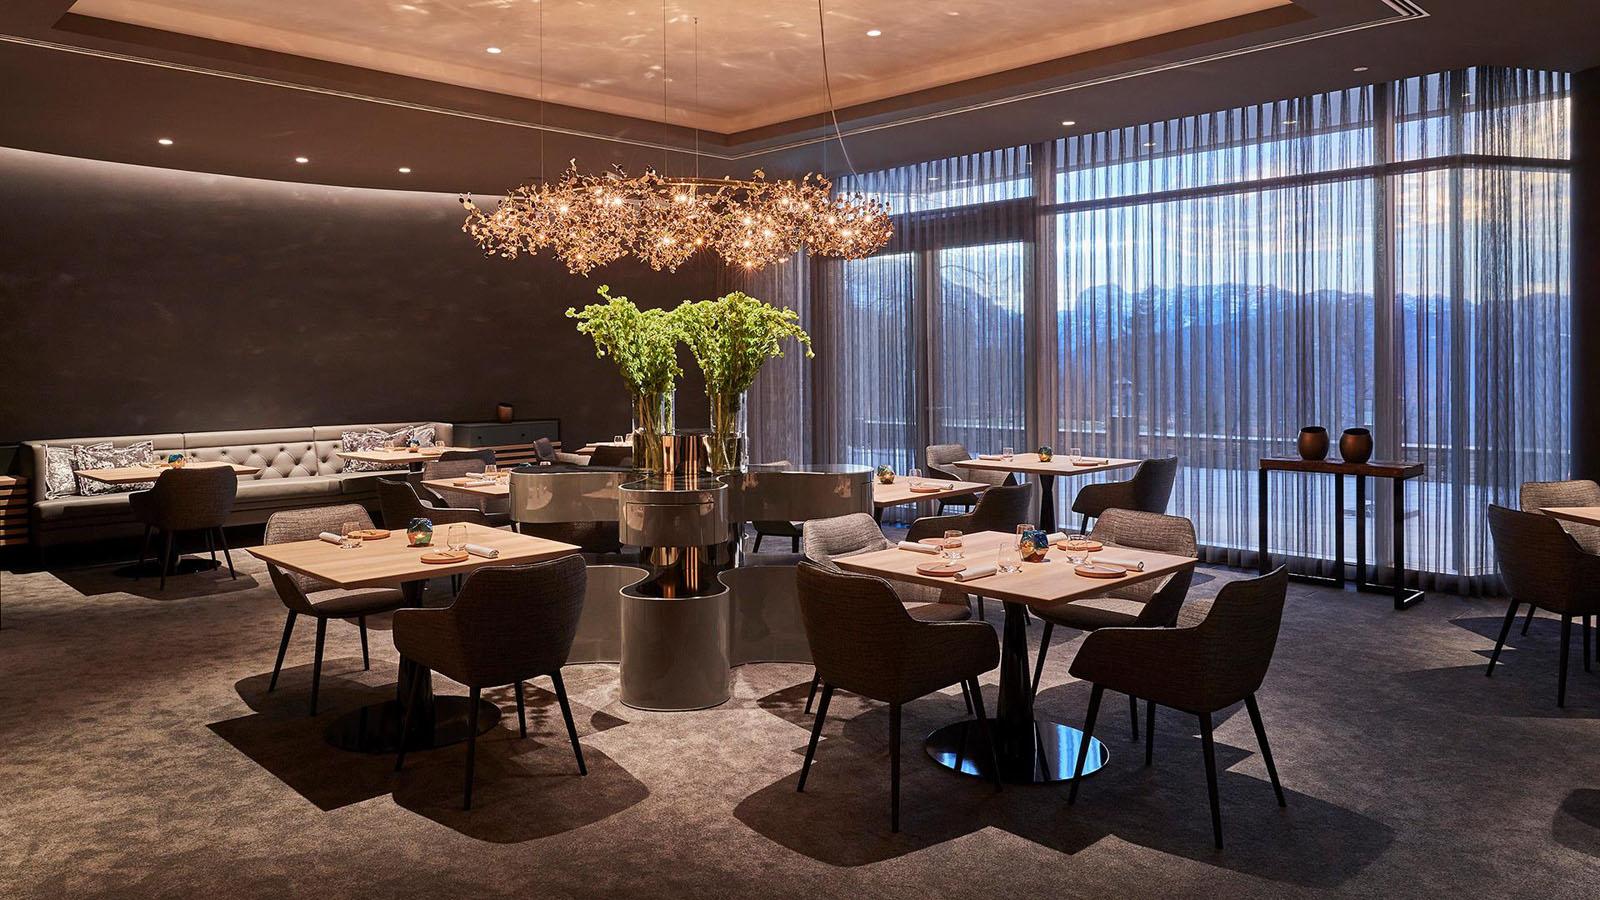 Restaurant Kempinksi Hotel